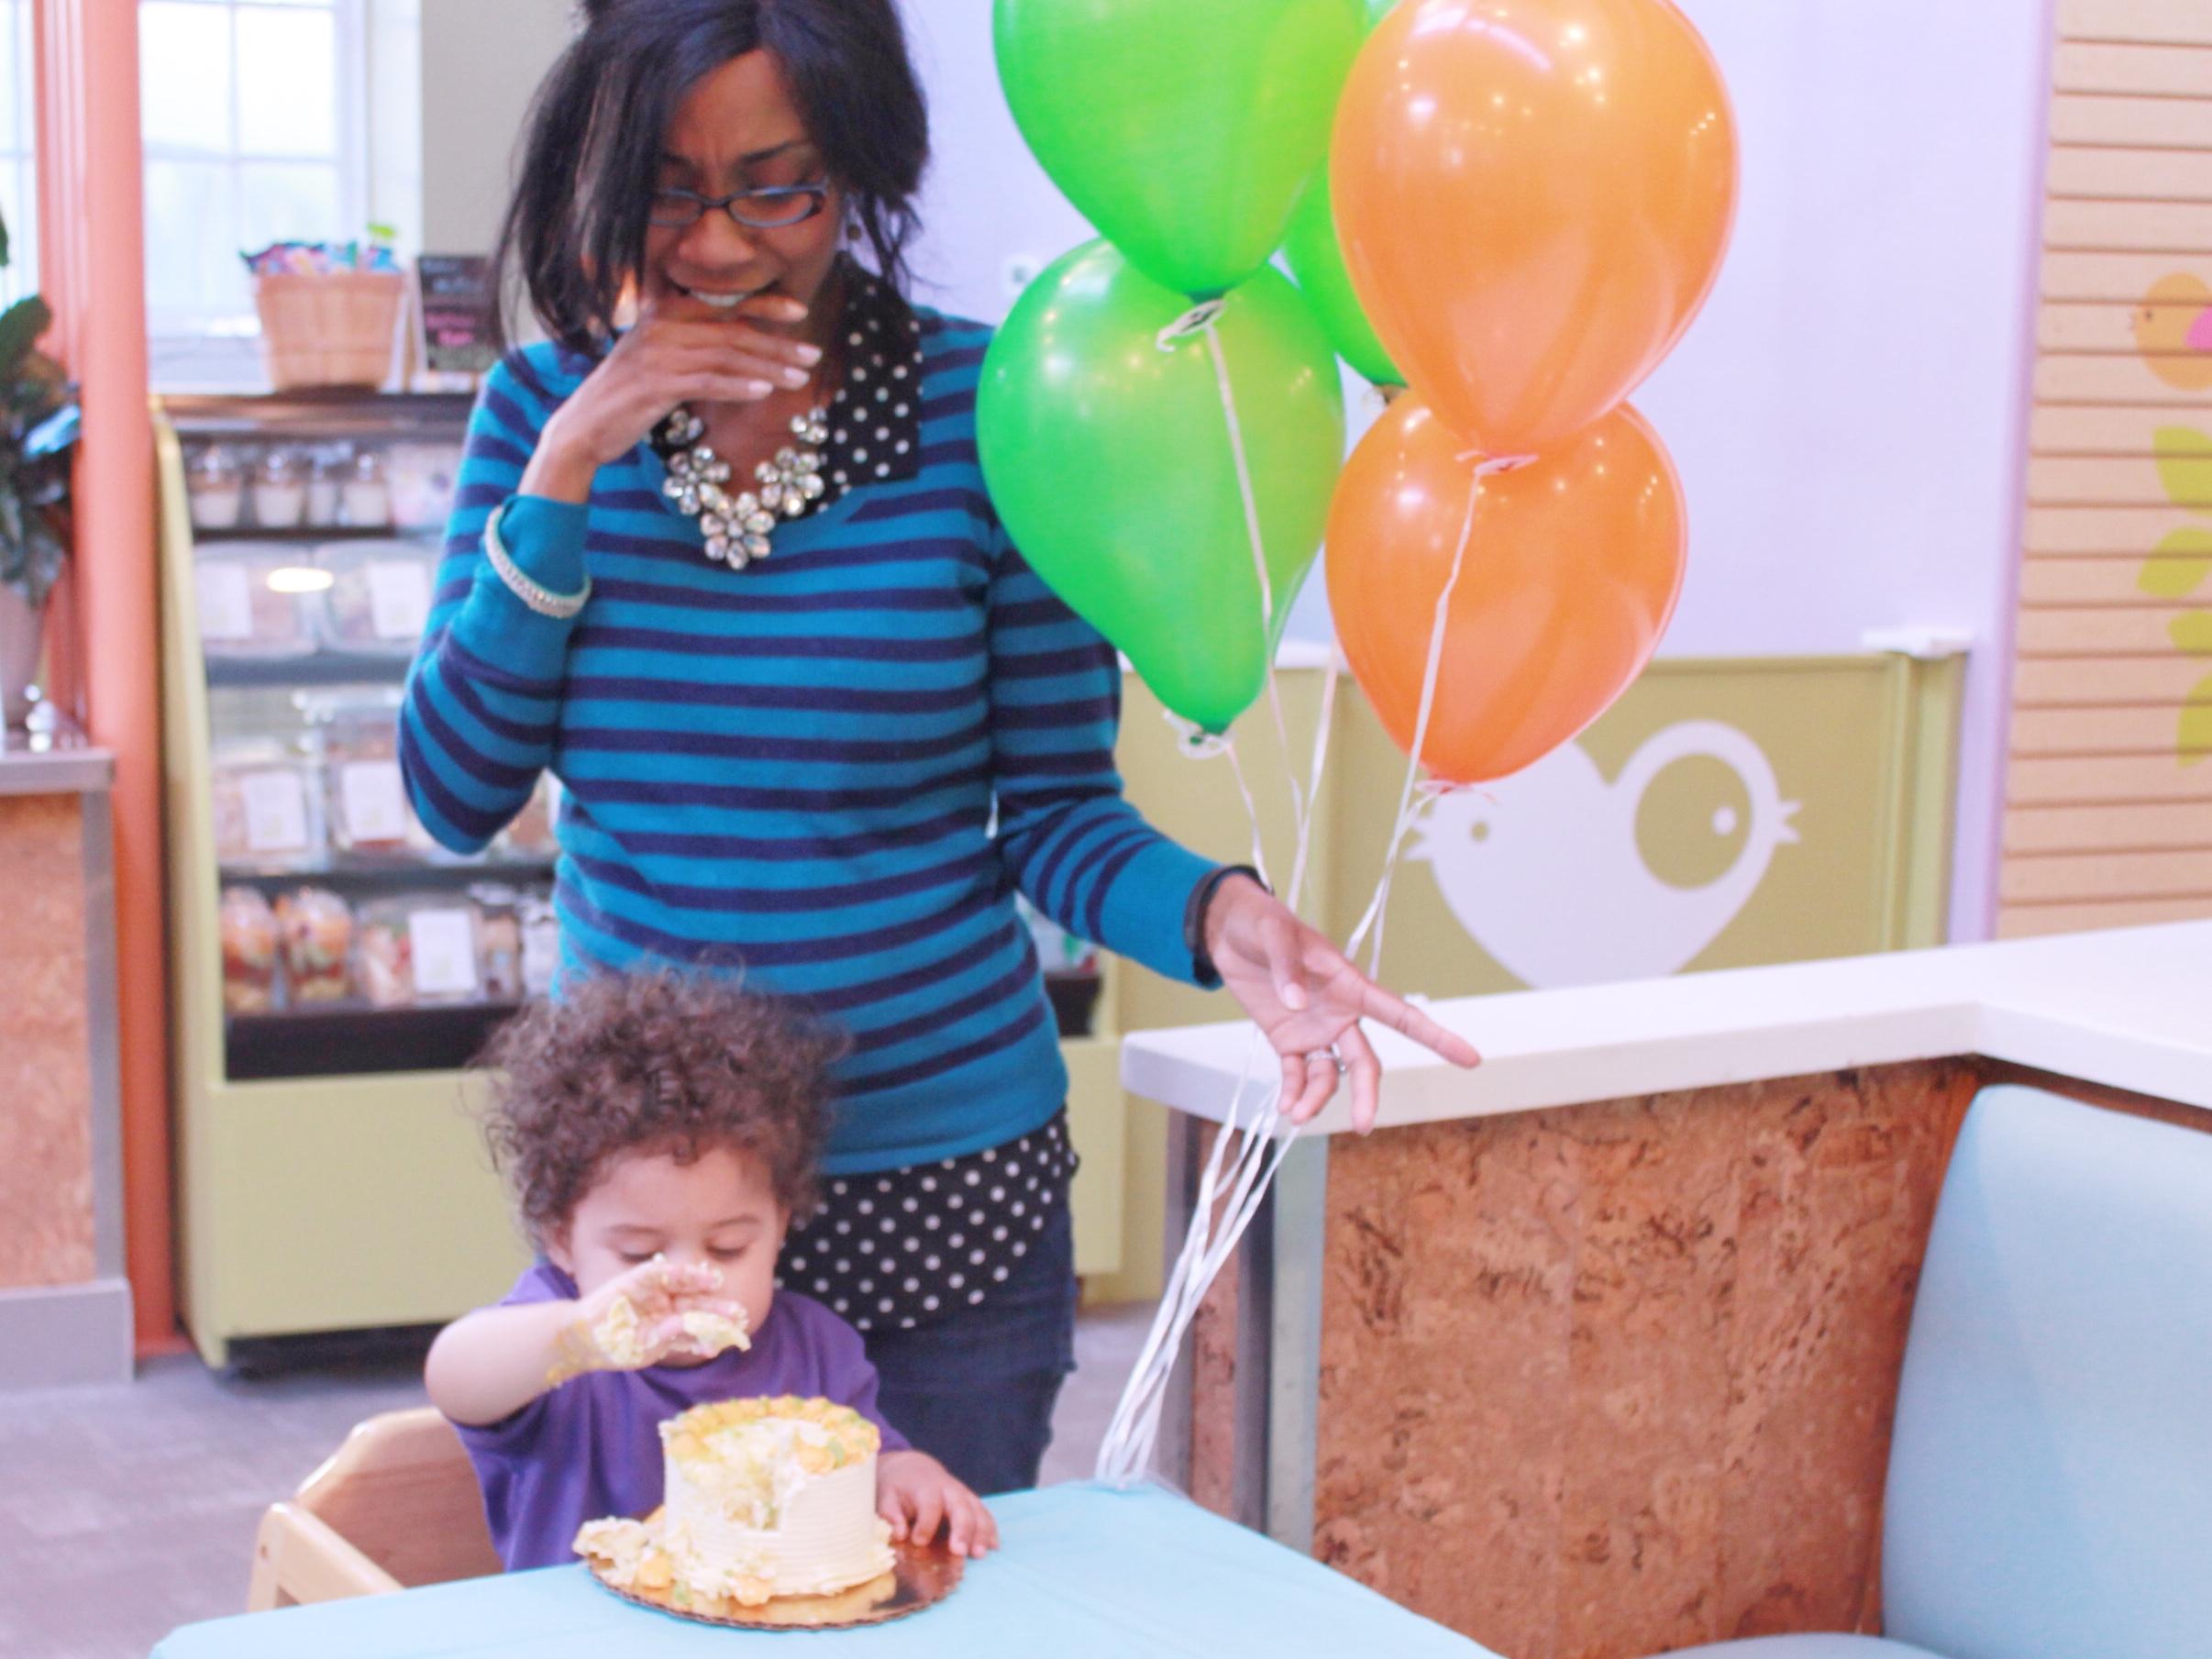 Splurge - Mommy Not Enjoying the Smash Cake